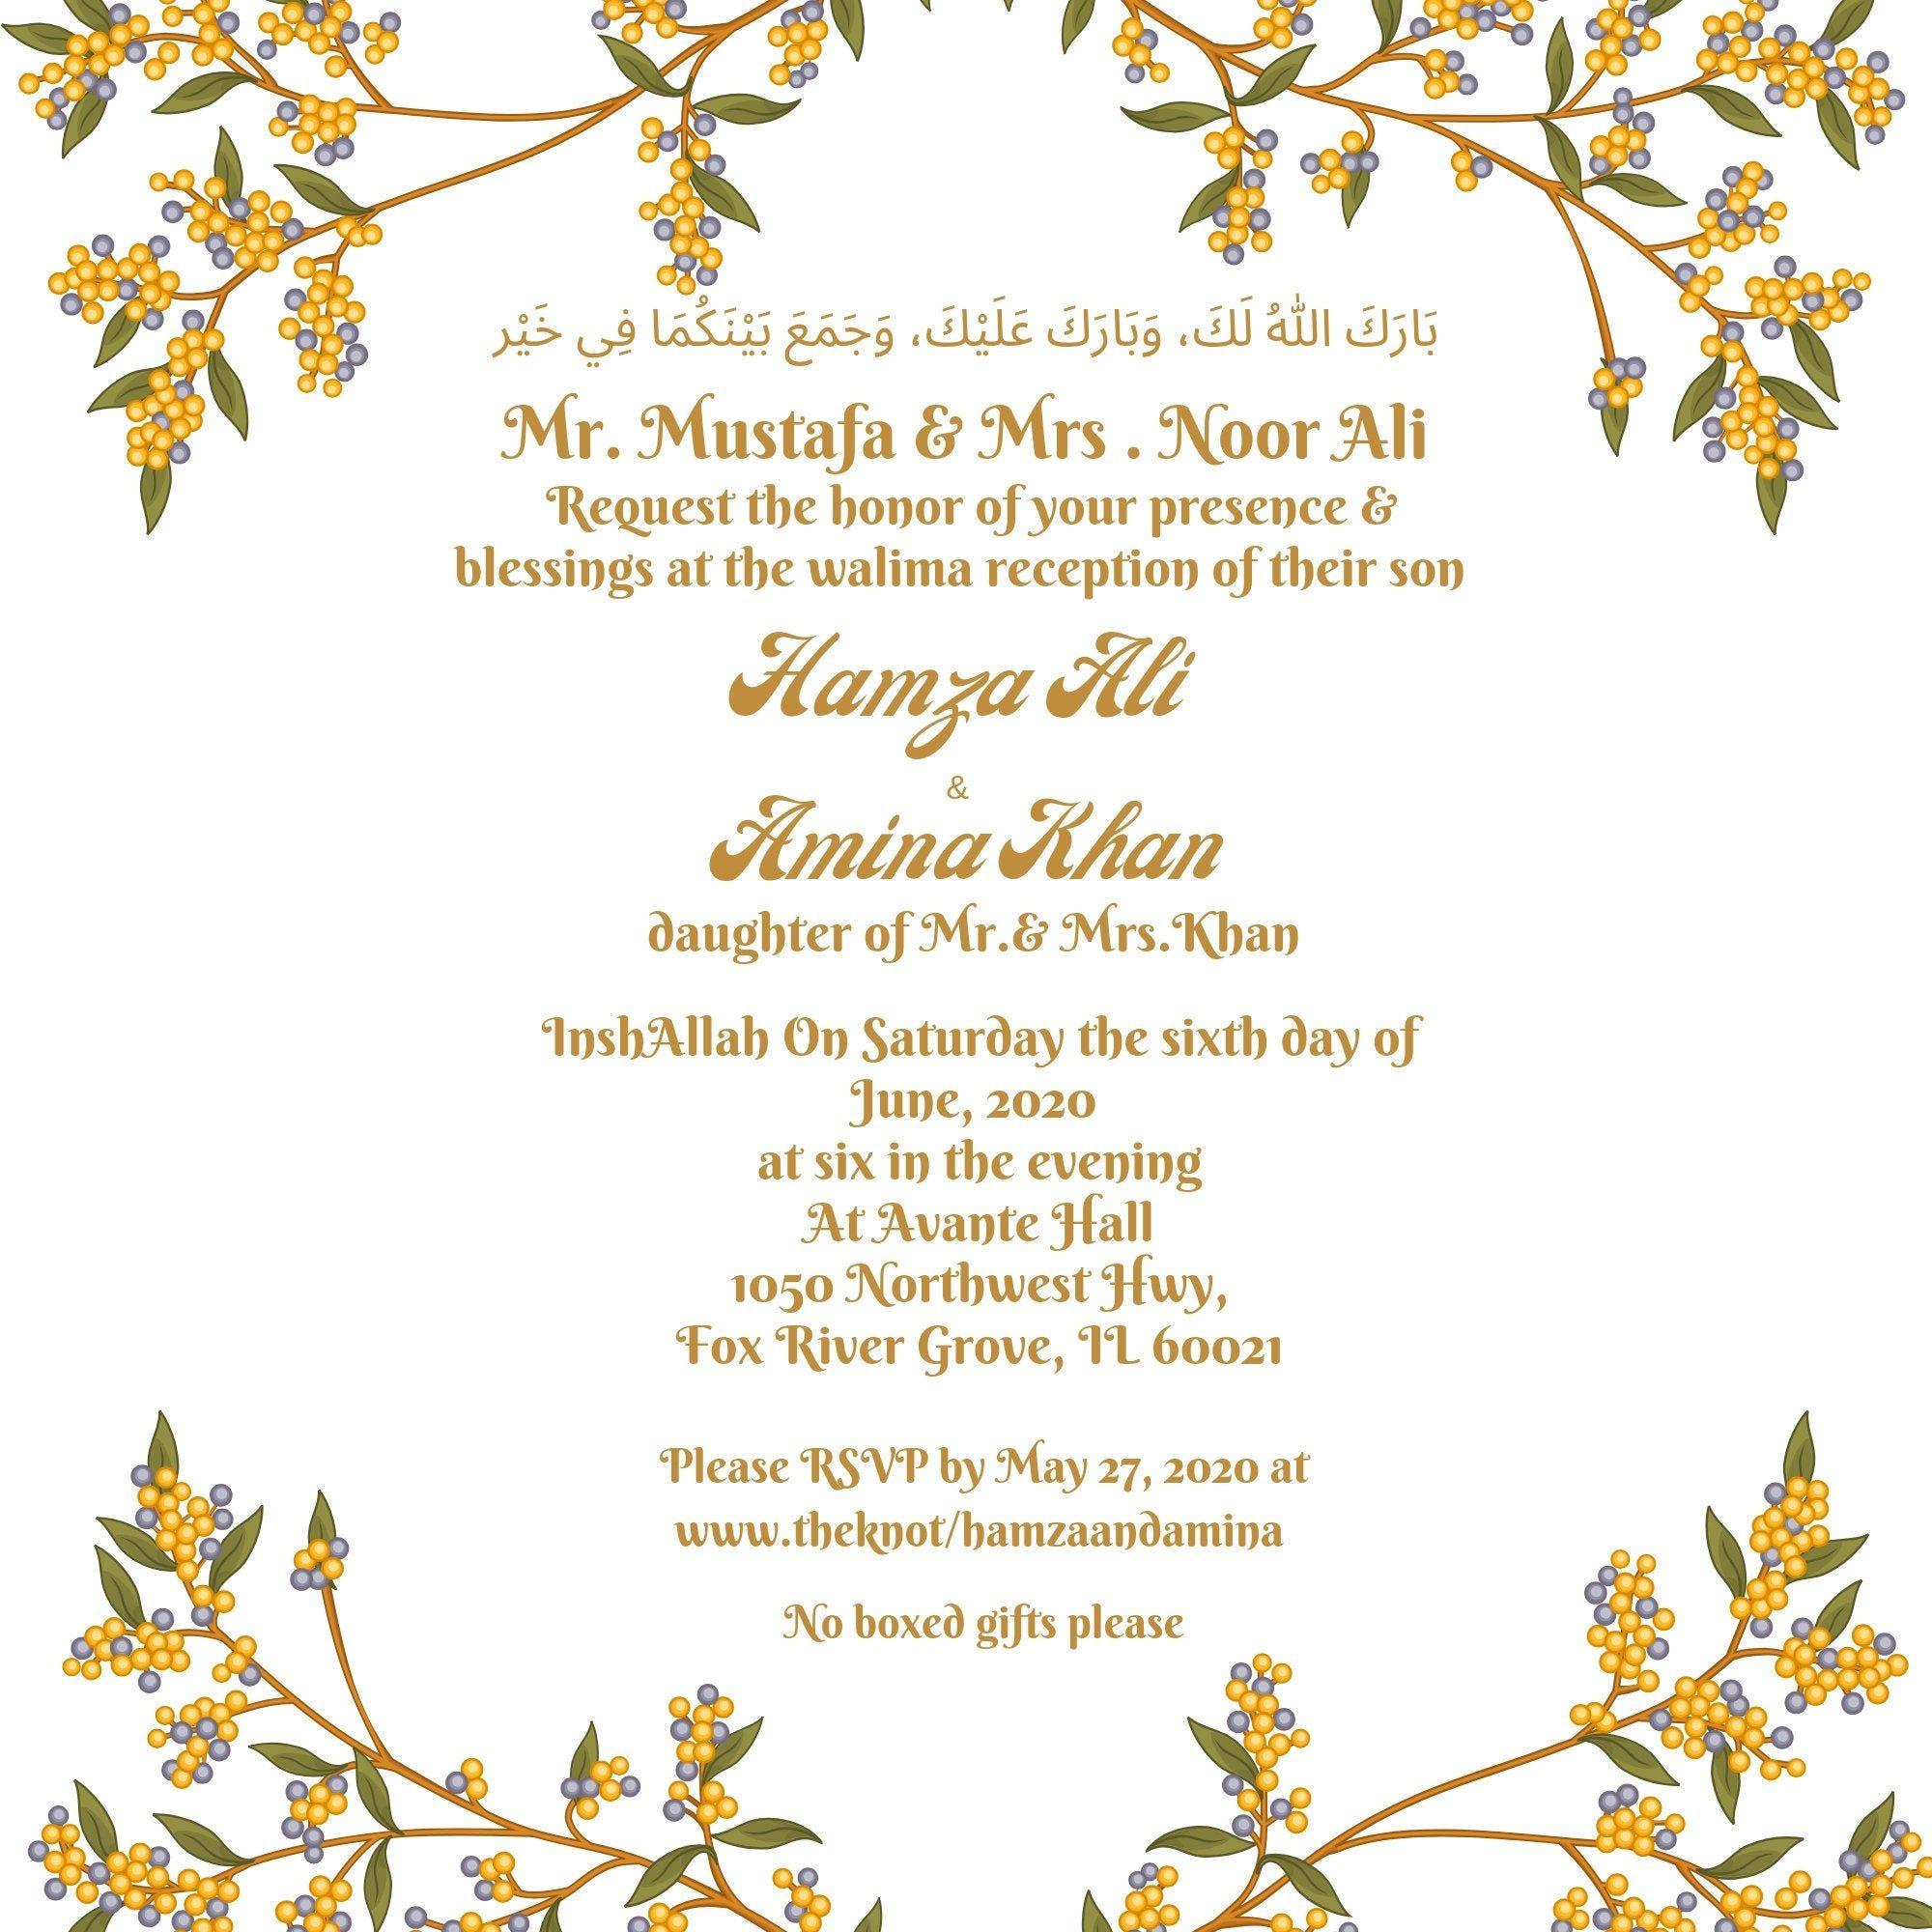 Walima Invitation Nikah Invitation Muslim Invitation Printable Valima Invitat Muslim Wedding Invitations Wedding Card Wordings Engagement Invitation Cards